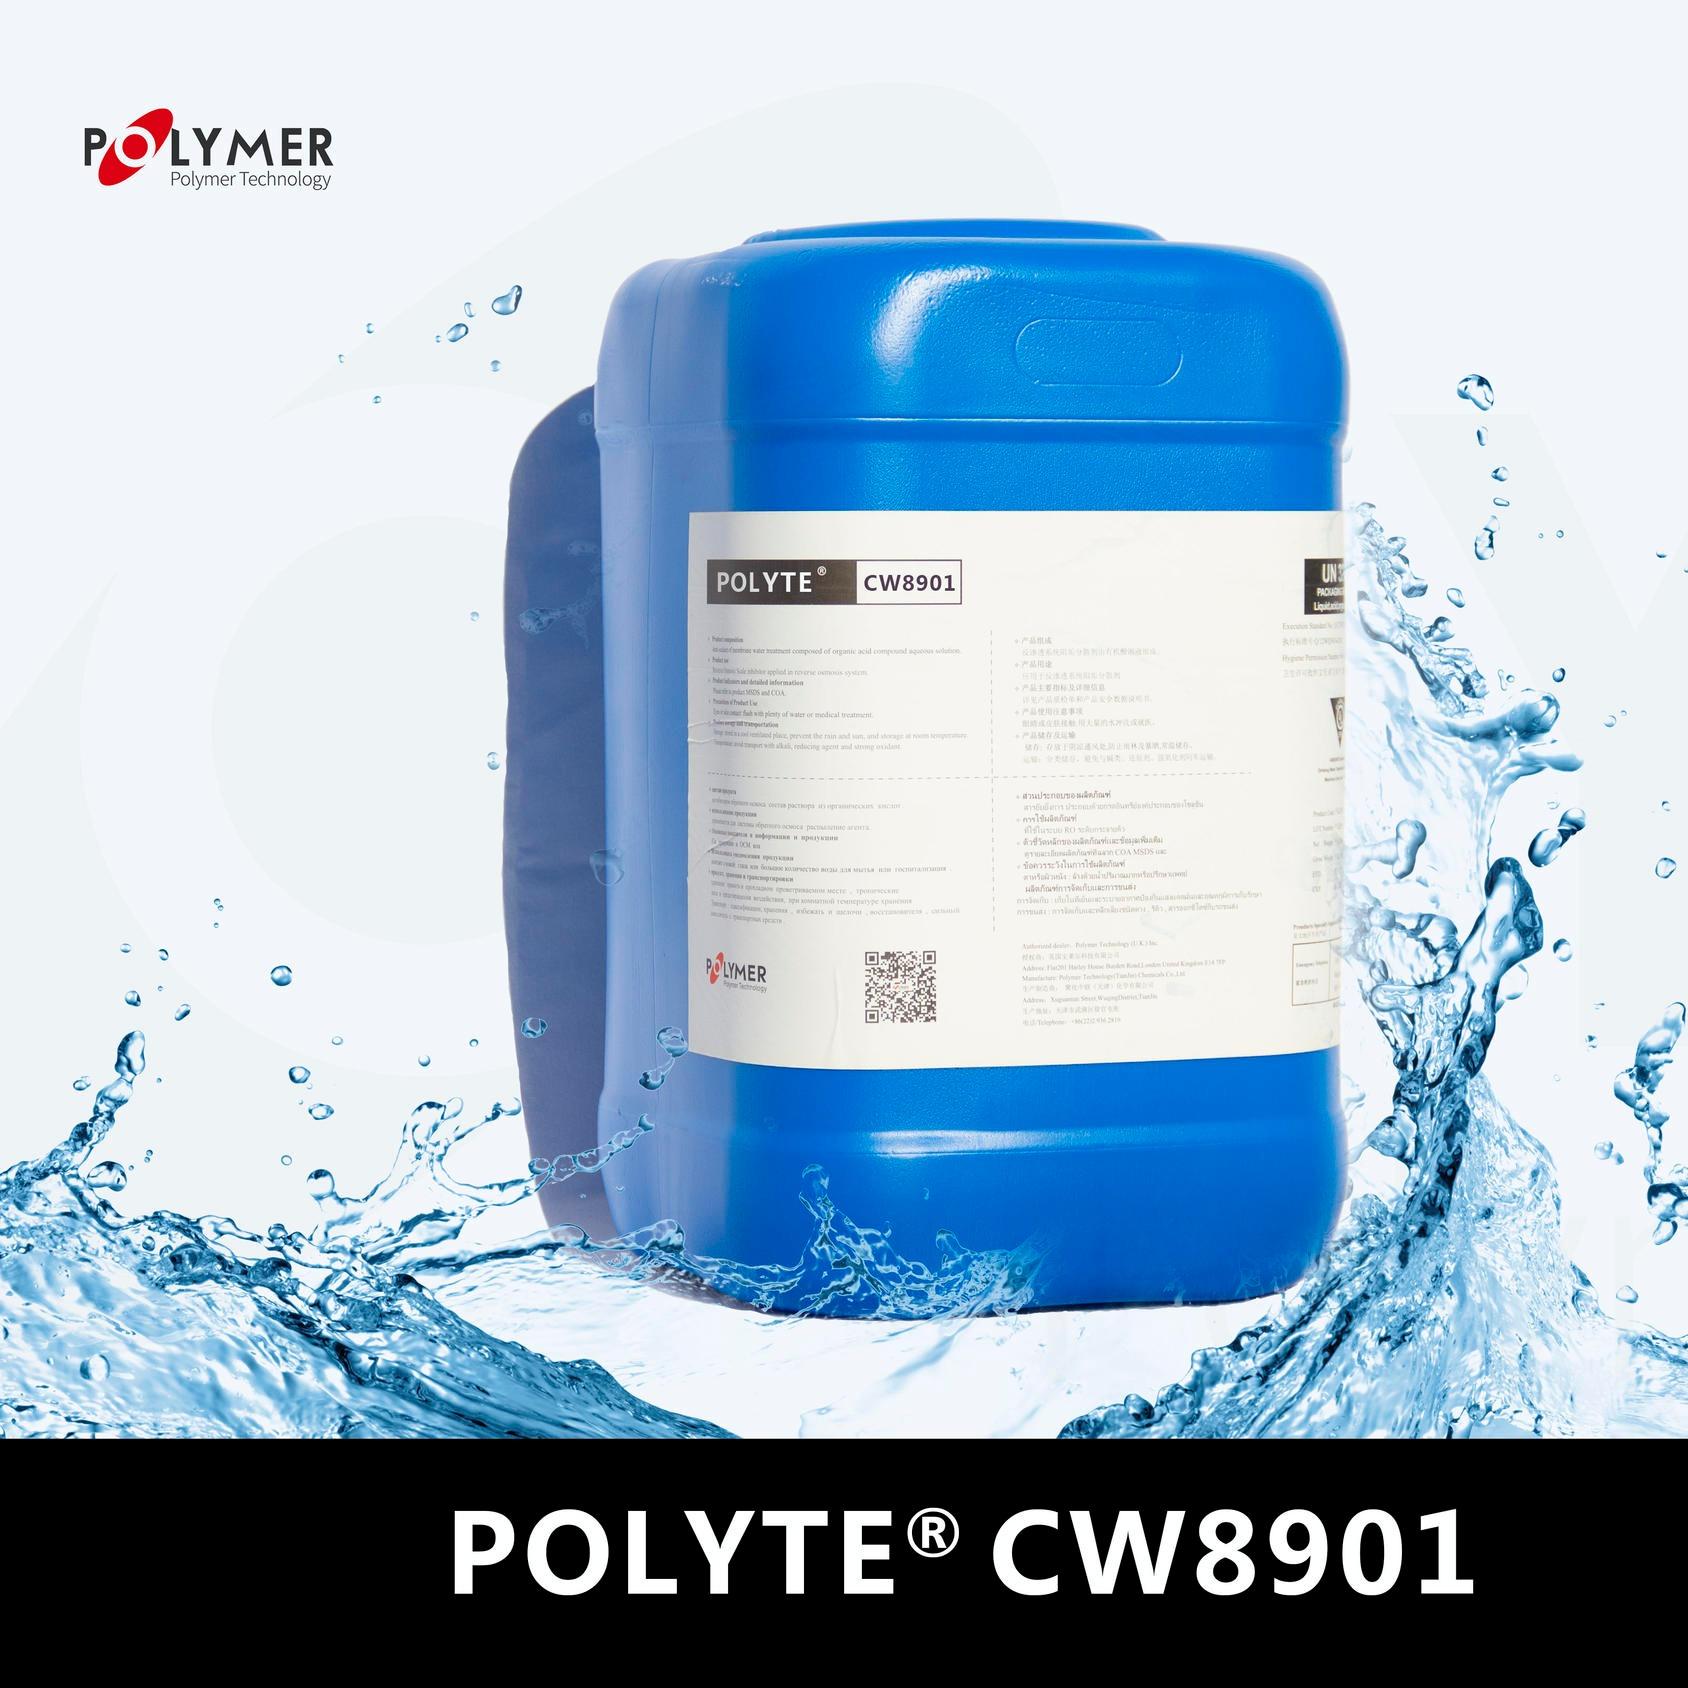 宝莱尔 通用型 缓蚀阻垢剂 循环水 POLYTE CW8901 英国POLYMER品牌 价格优惠 厂家直供 价格面议